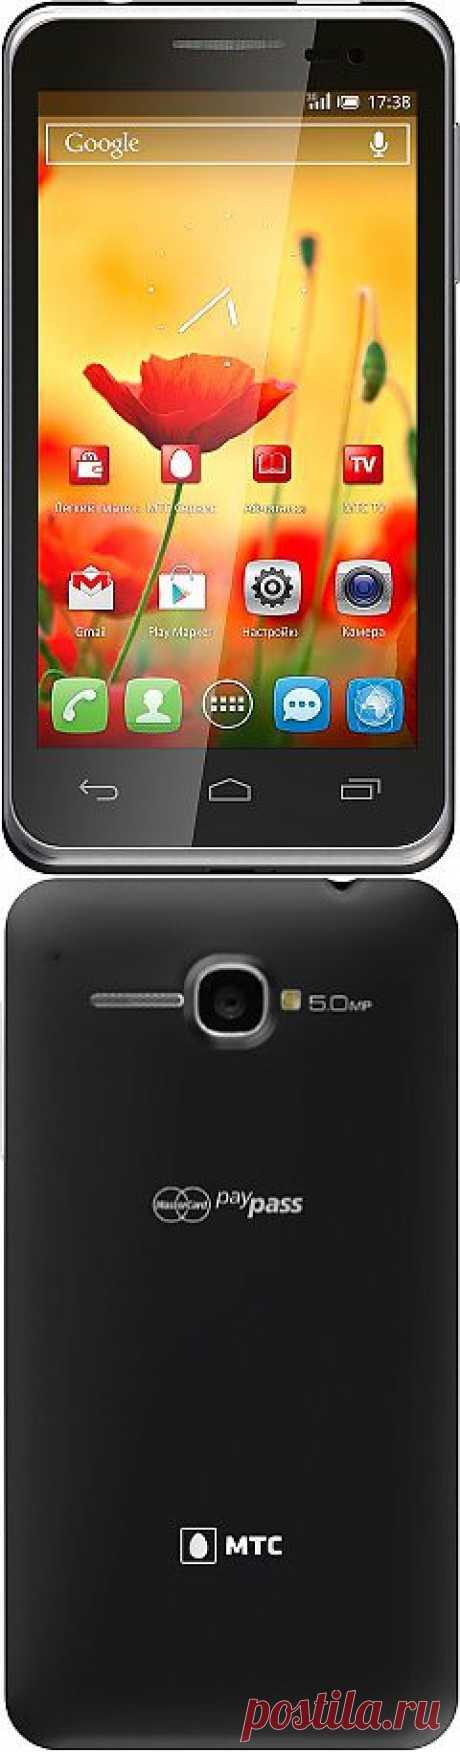 МТС 975 - недорогой смартфон с поддержкой NFС   Мобильные новости